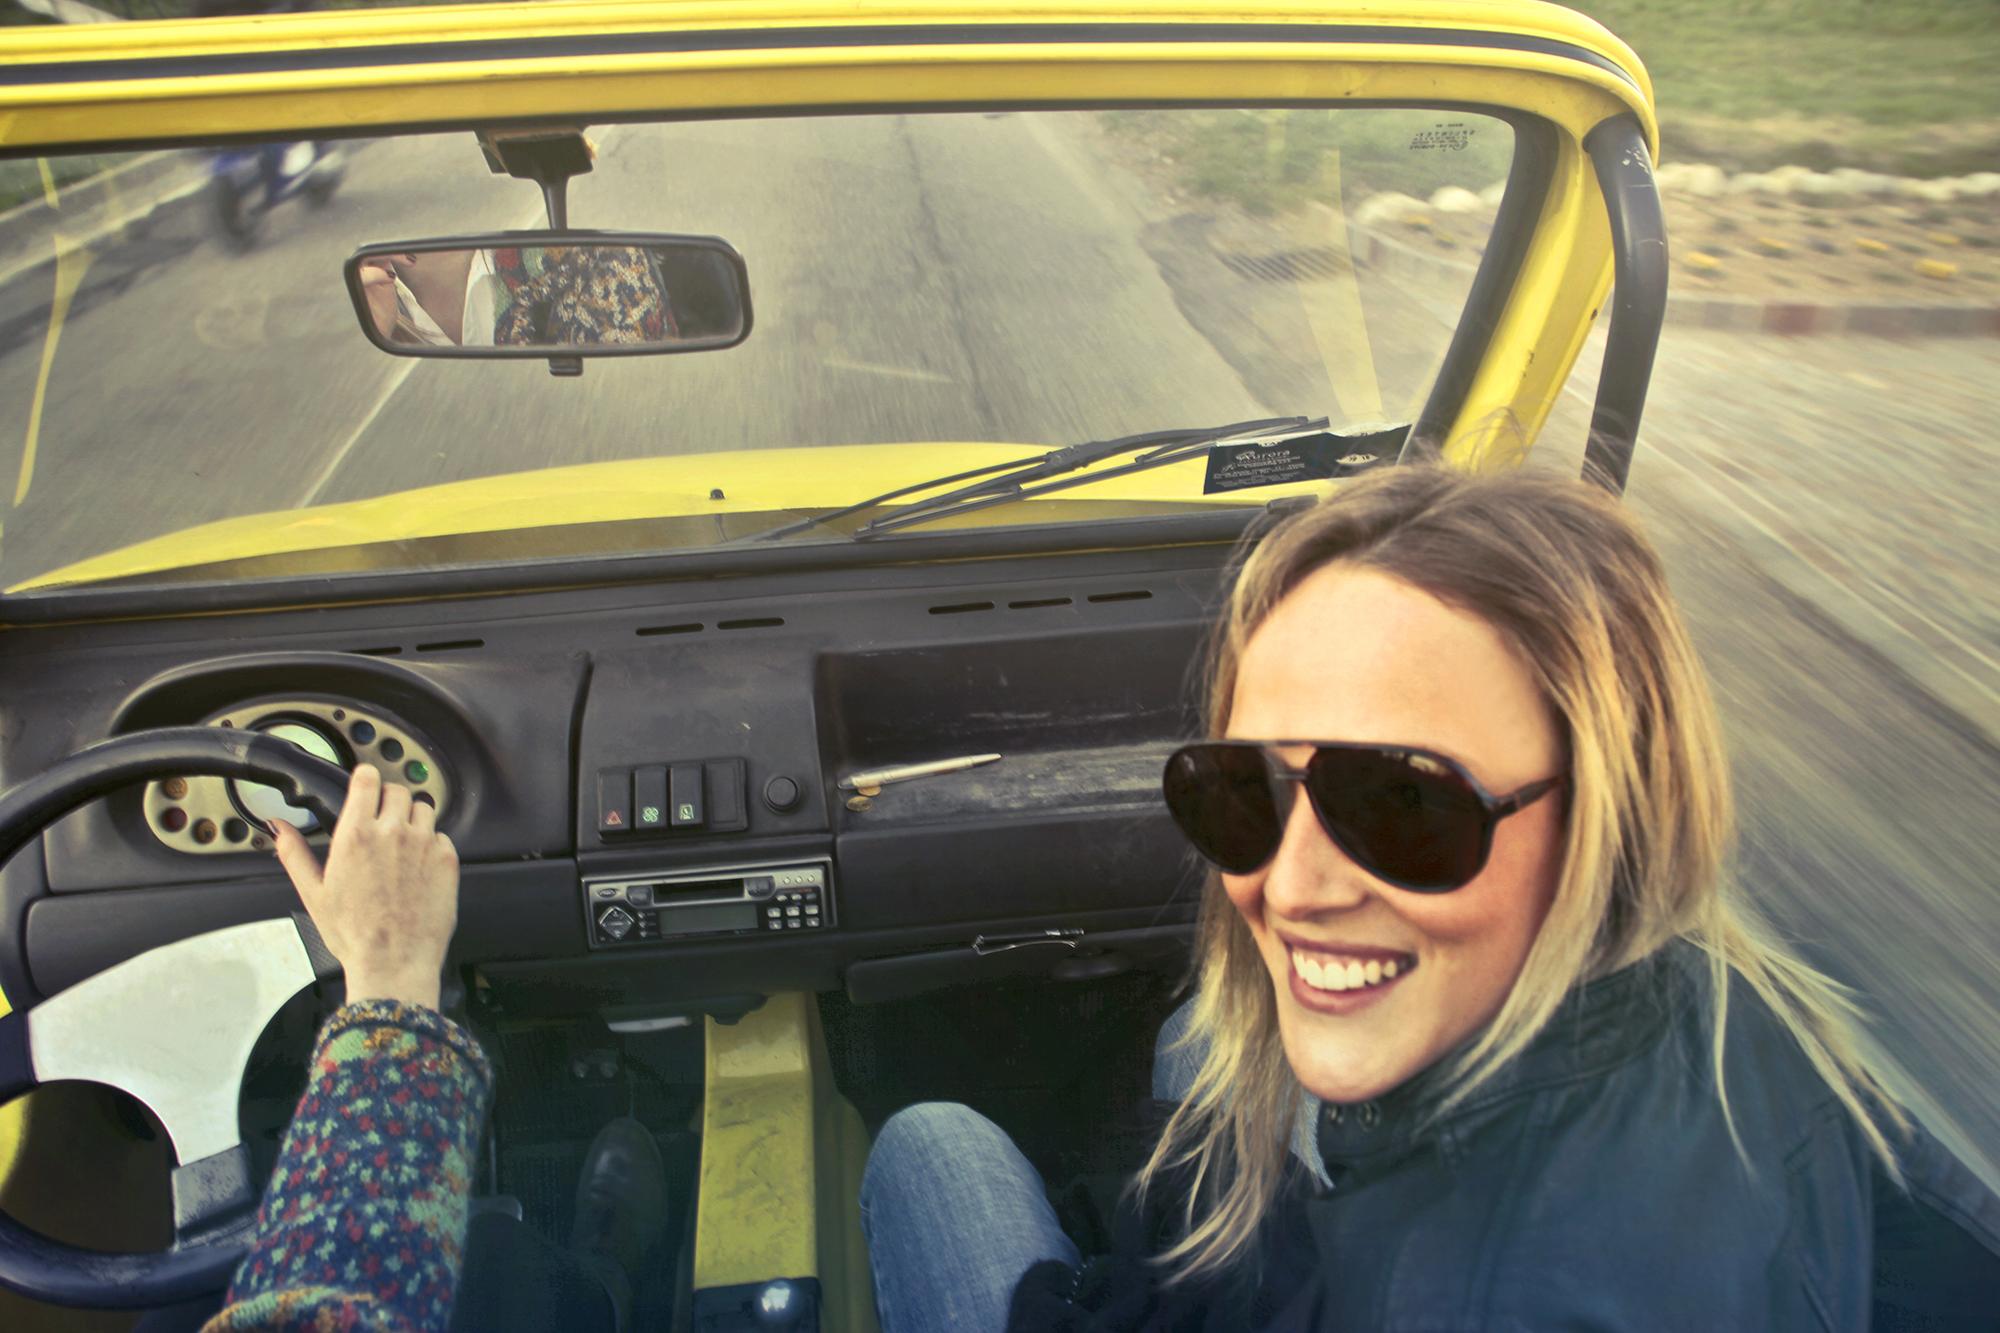 Photographie d'une femme souriante dans une voiture